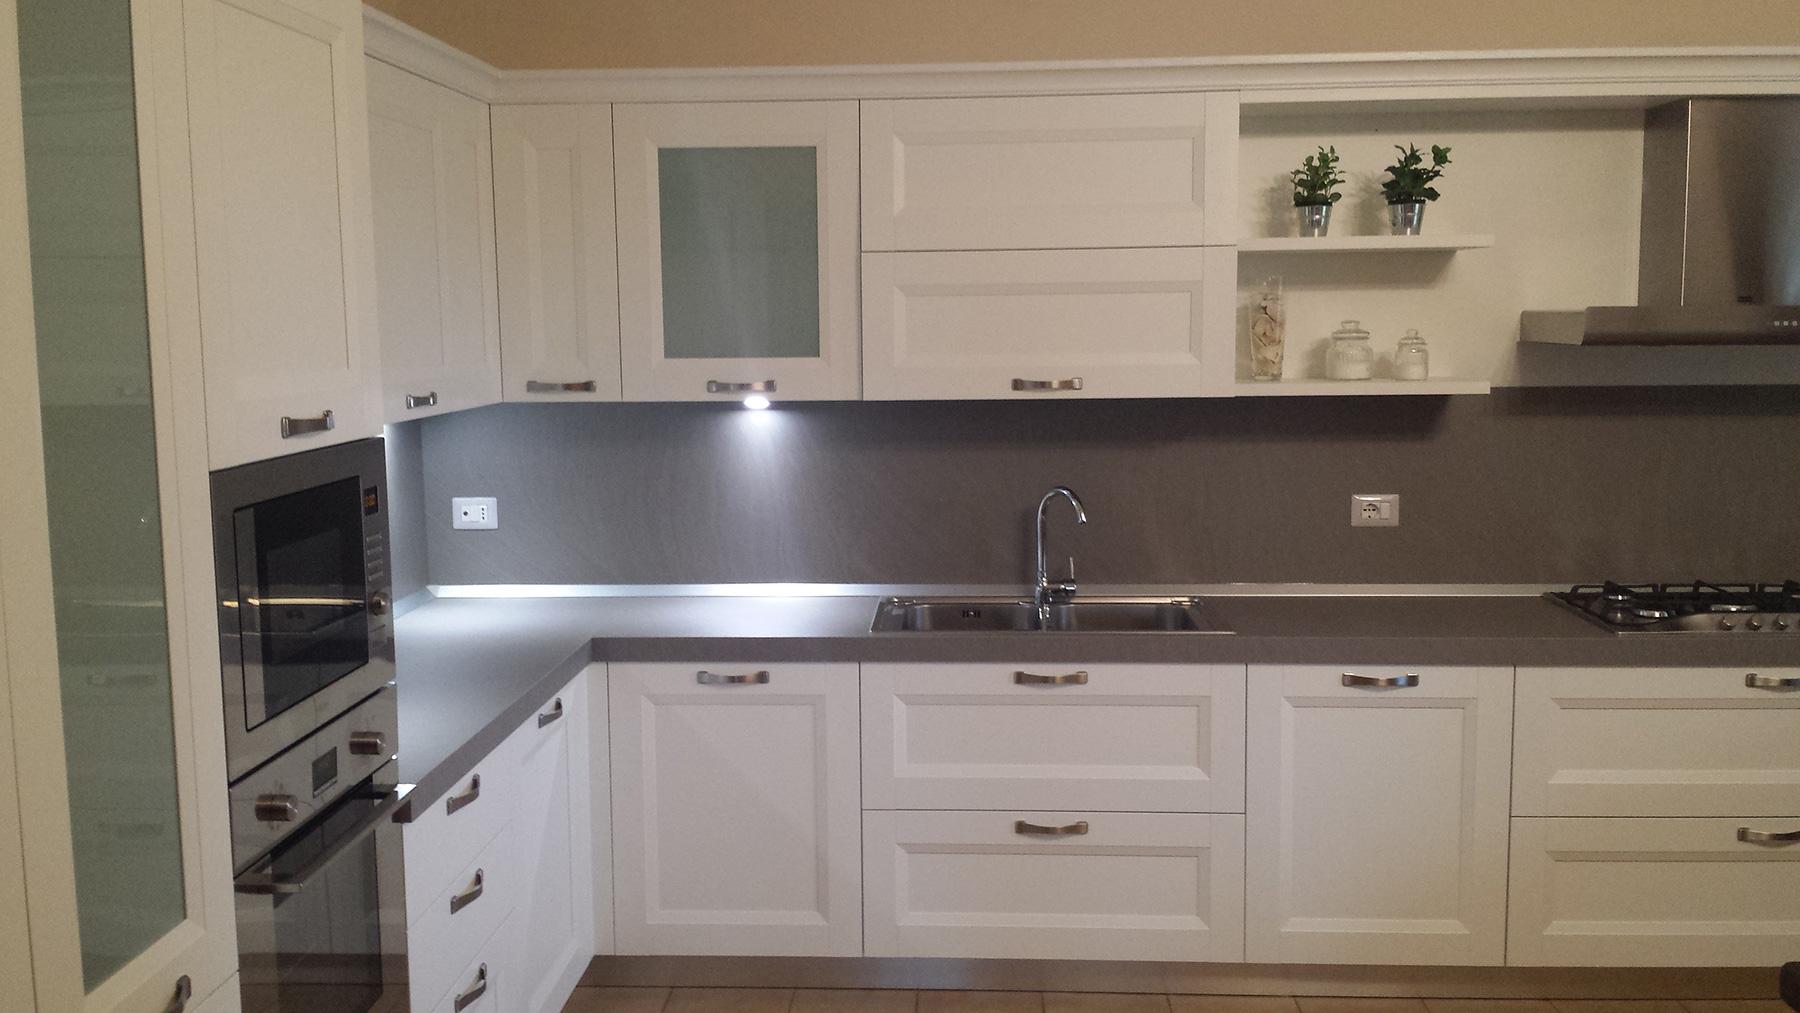 Abitazione privata a pederiva di montebelluna cucina bianca frassinata con set elettrodomestici - Disposizione elettrodomestici cucina ...